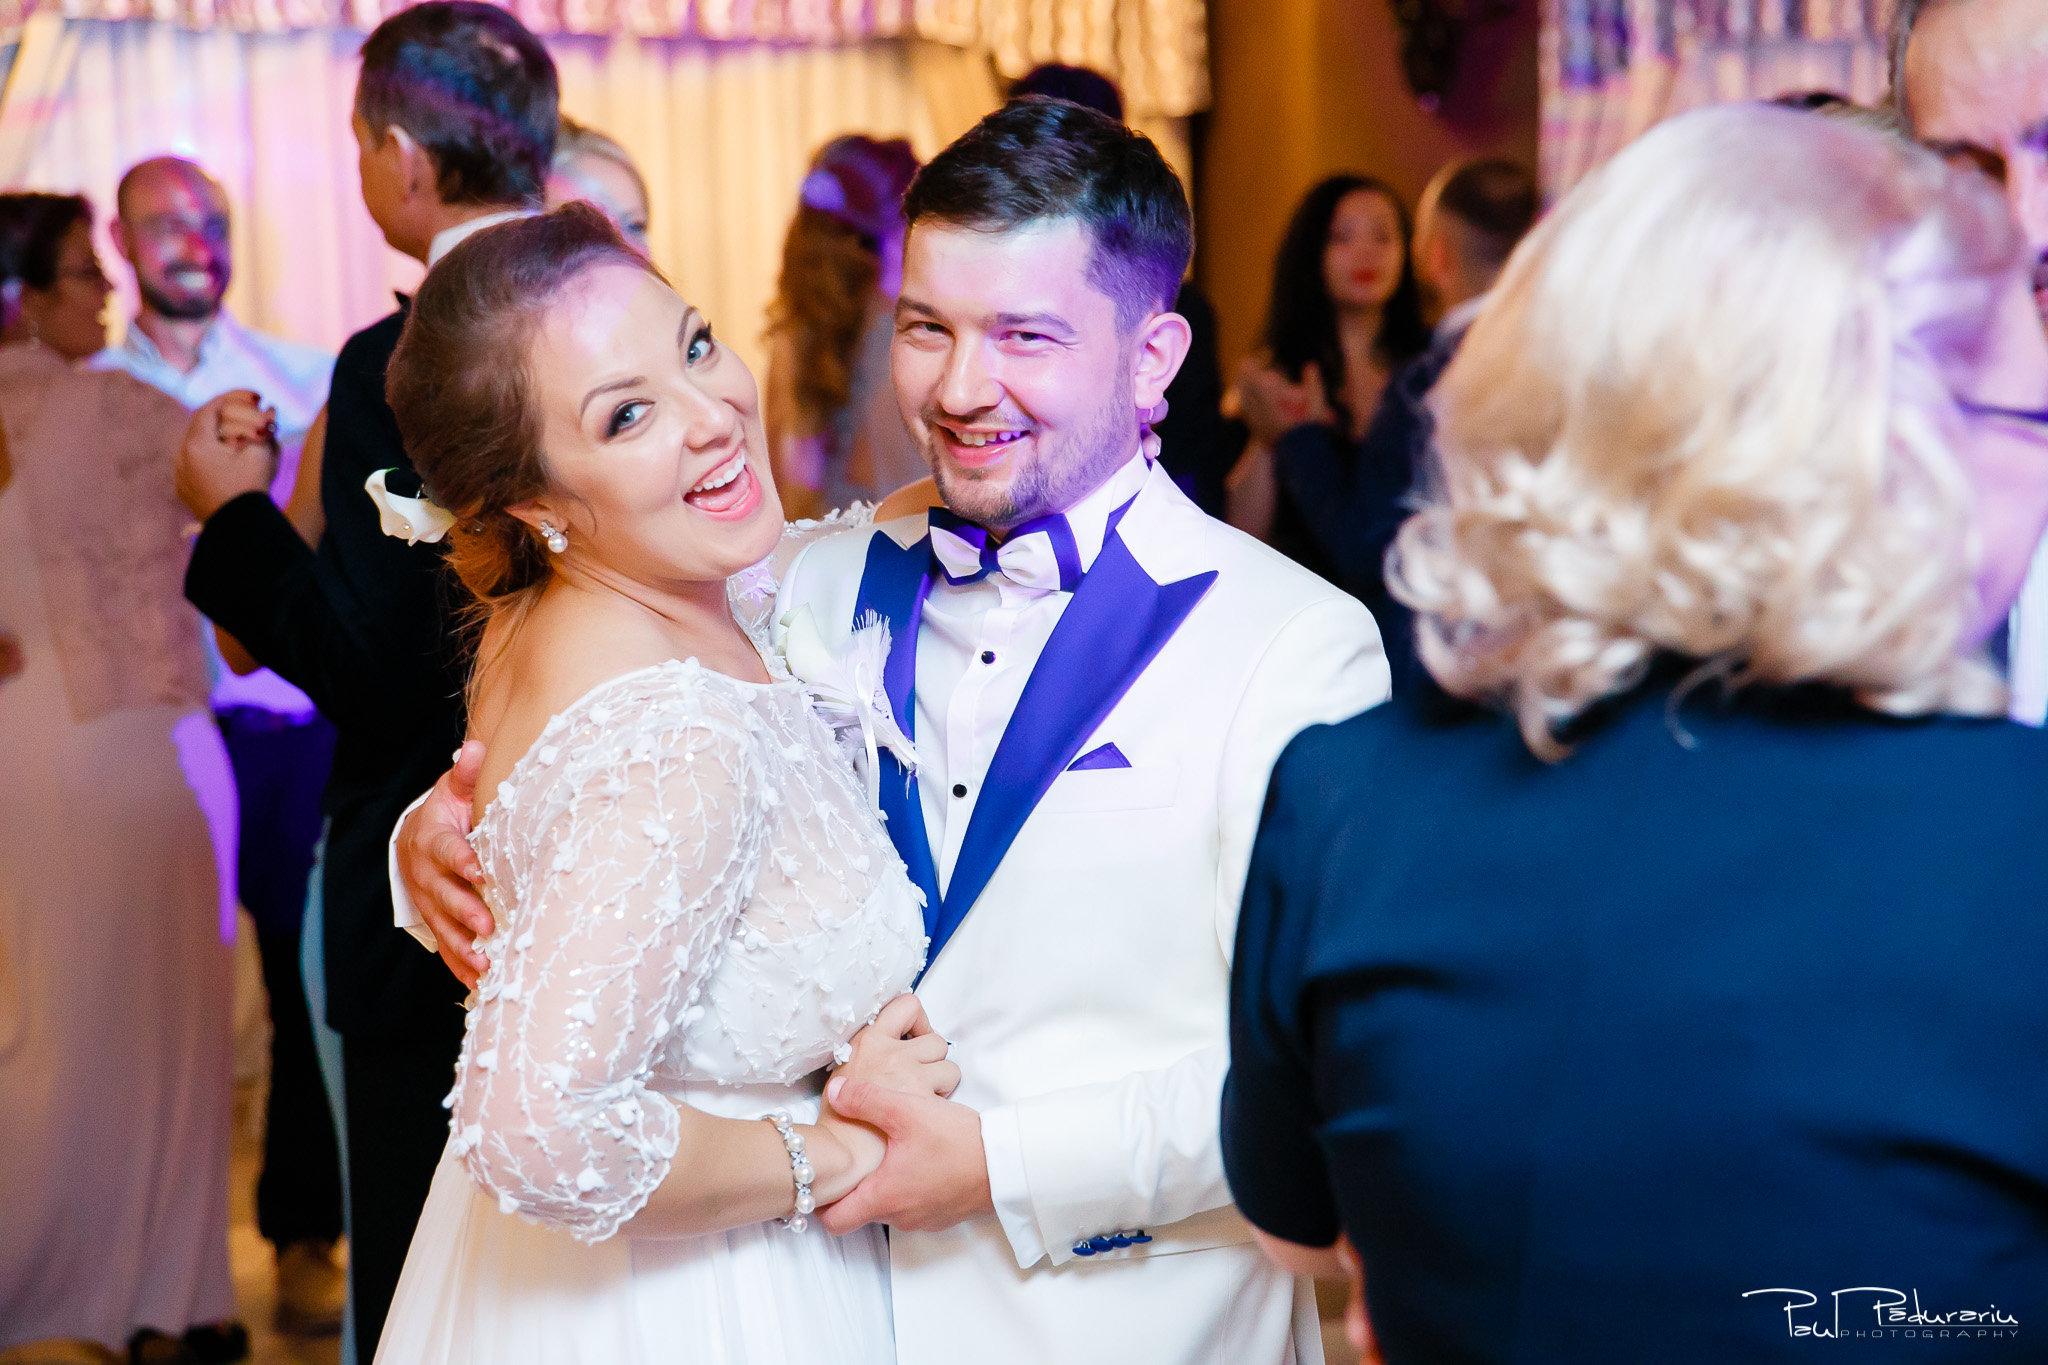 Petrecere la Pleaiada nunta cu tema Paris Ema si Tudor fotograf profesionist de nunta iasi www.paulpadurariu.ro © 2017 Paul Padurariu mirii ringul de dans